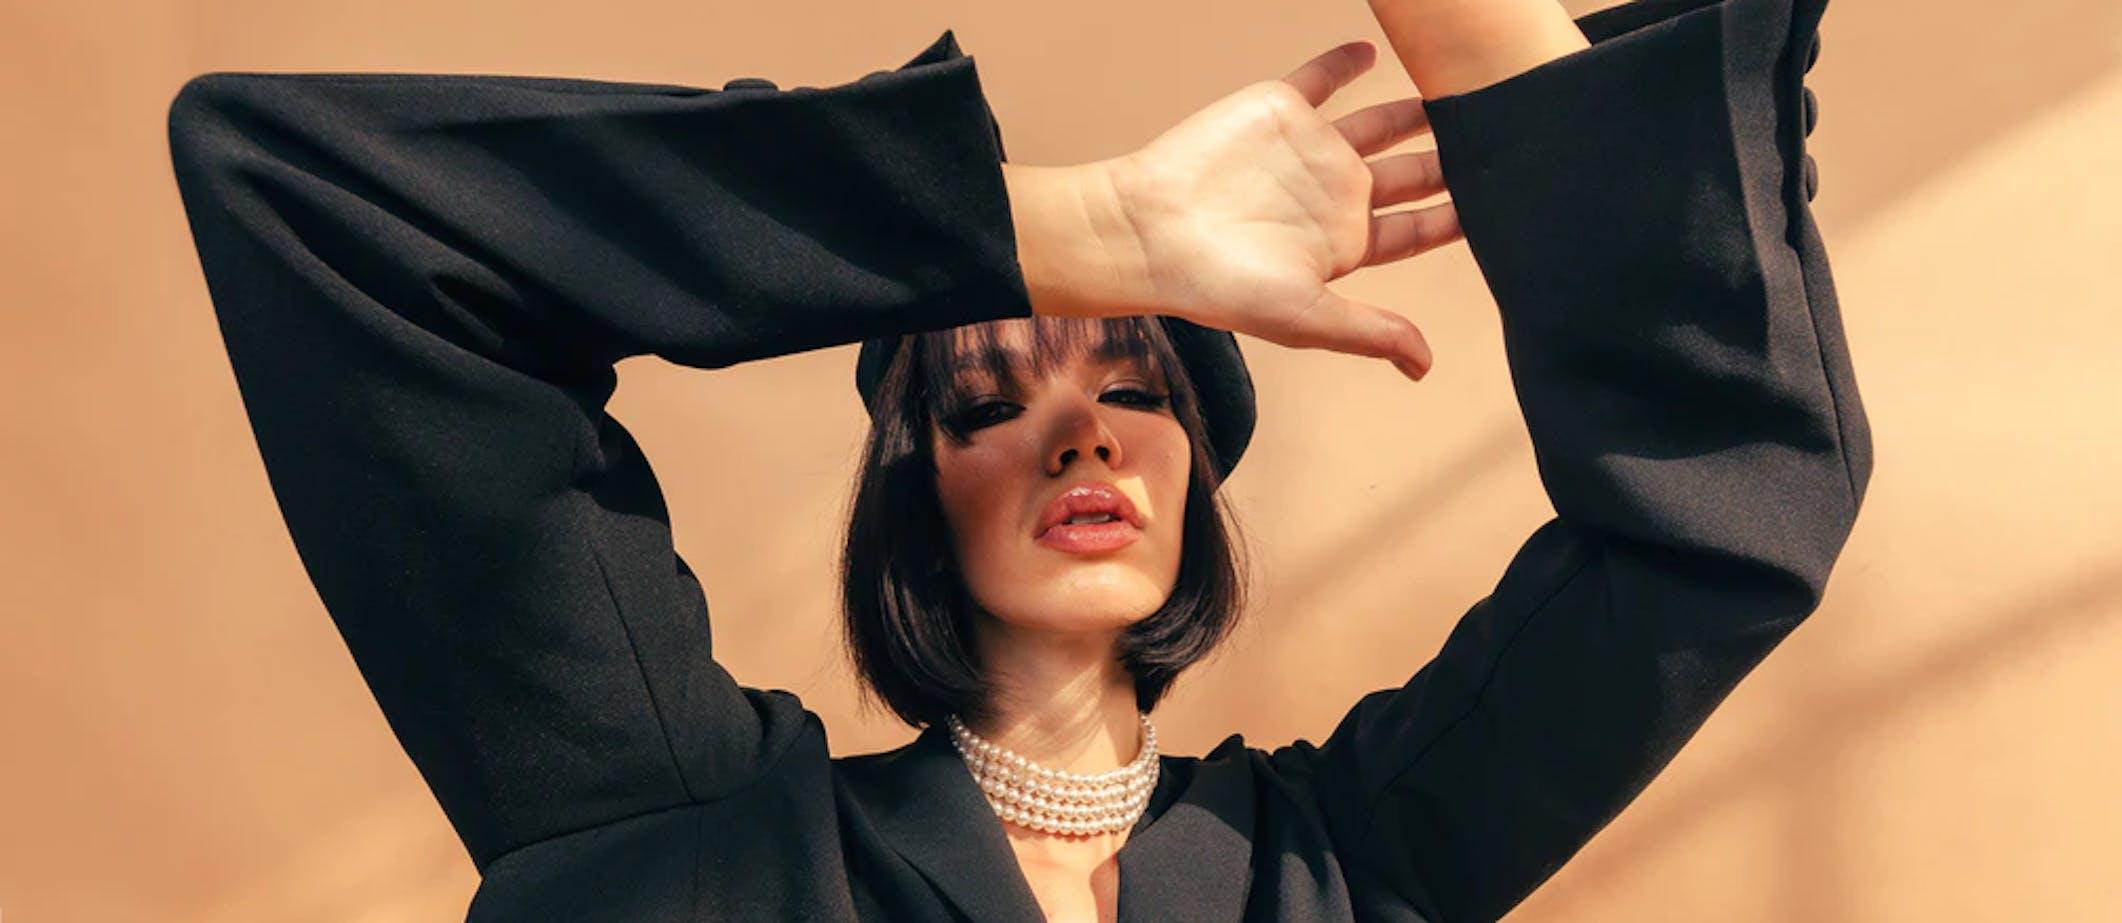 femme tenue noire retro chic